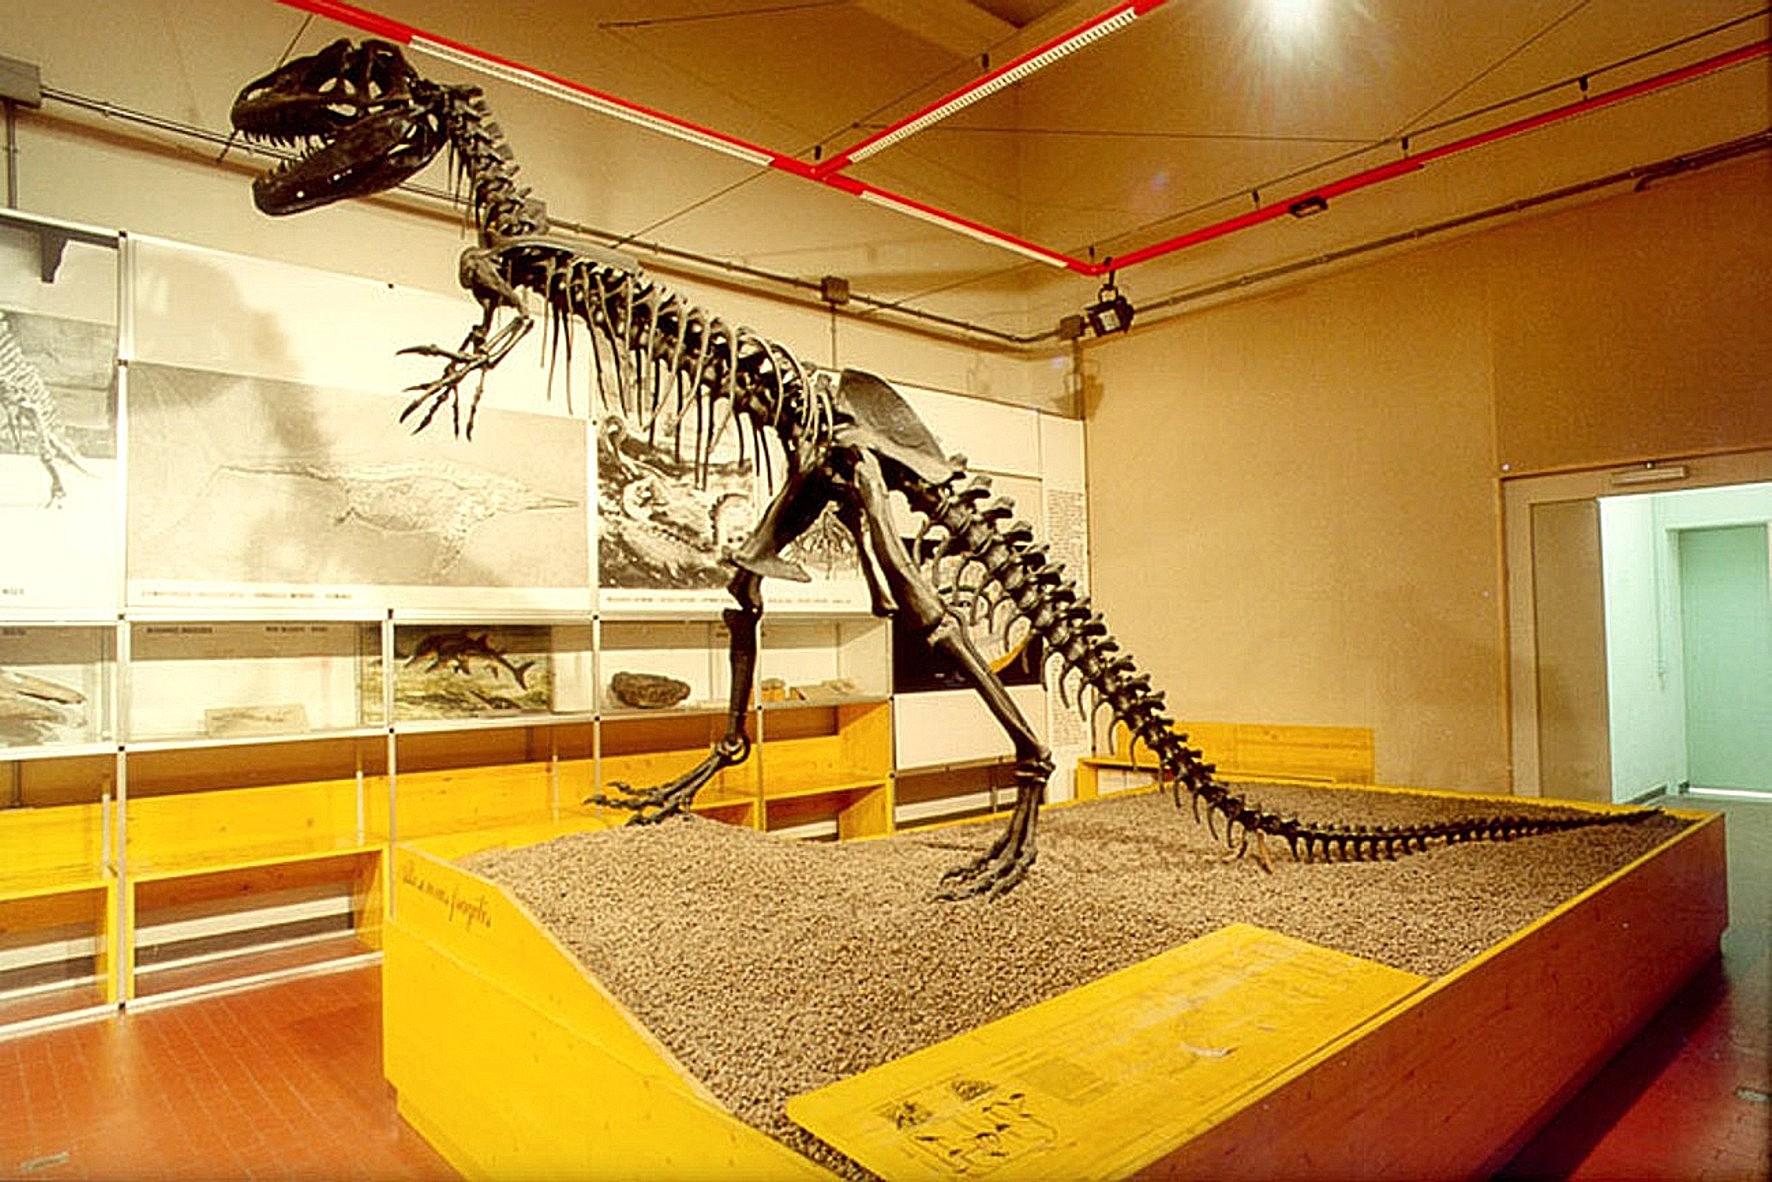 La macchina del tempo geologico dinosauri elefanti for Nomi di rettili